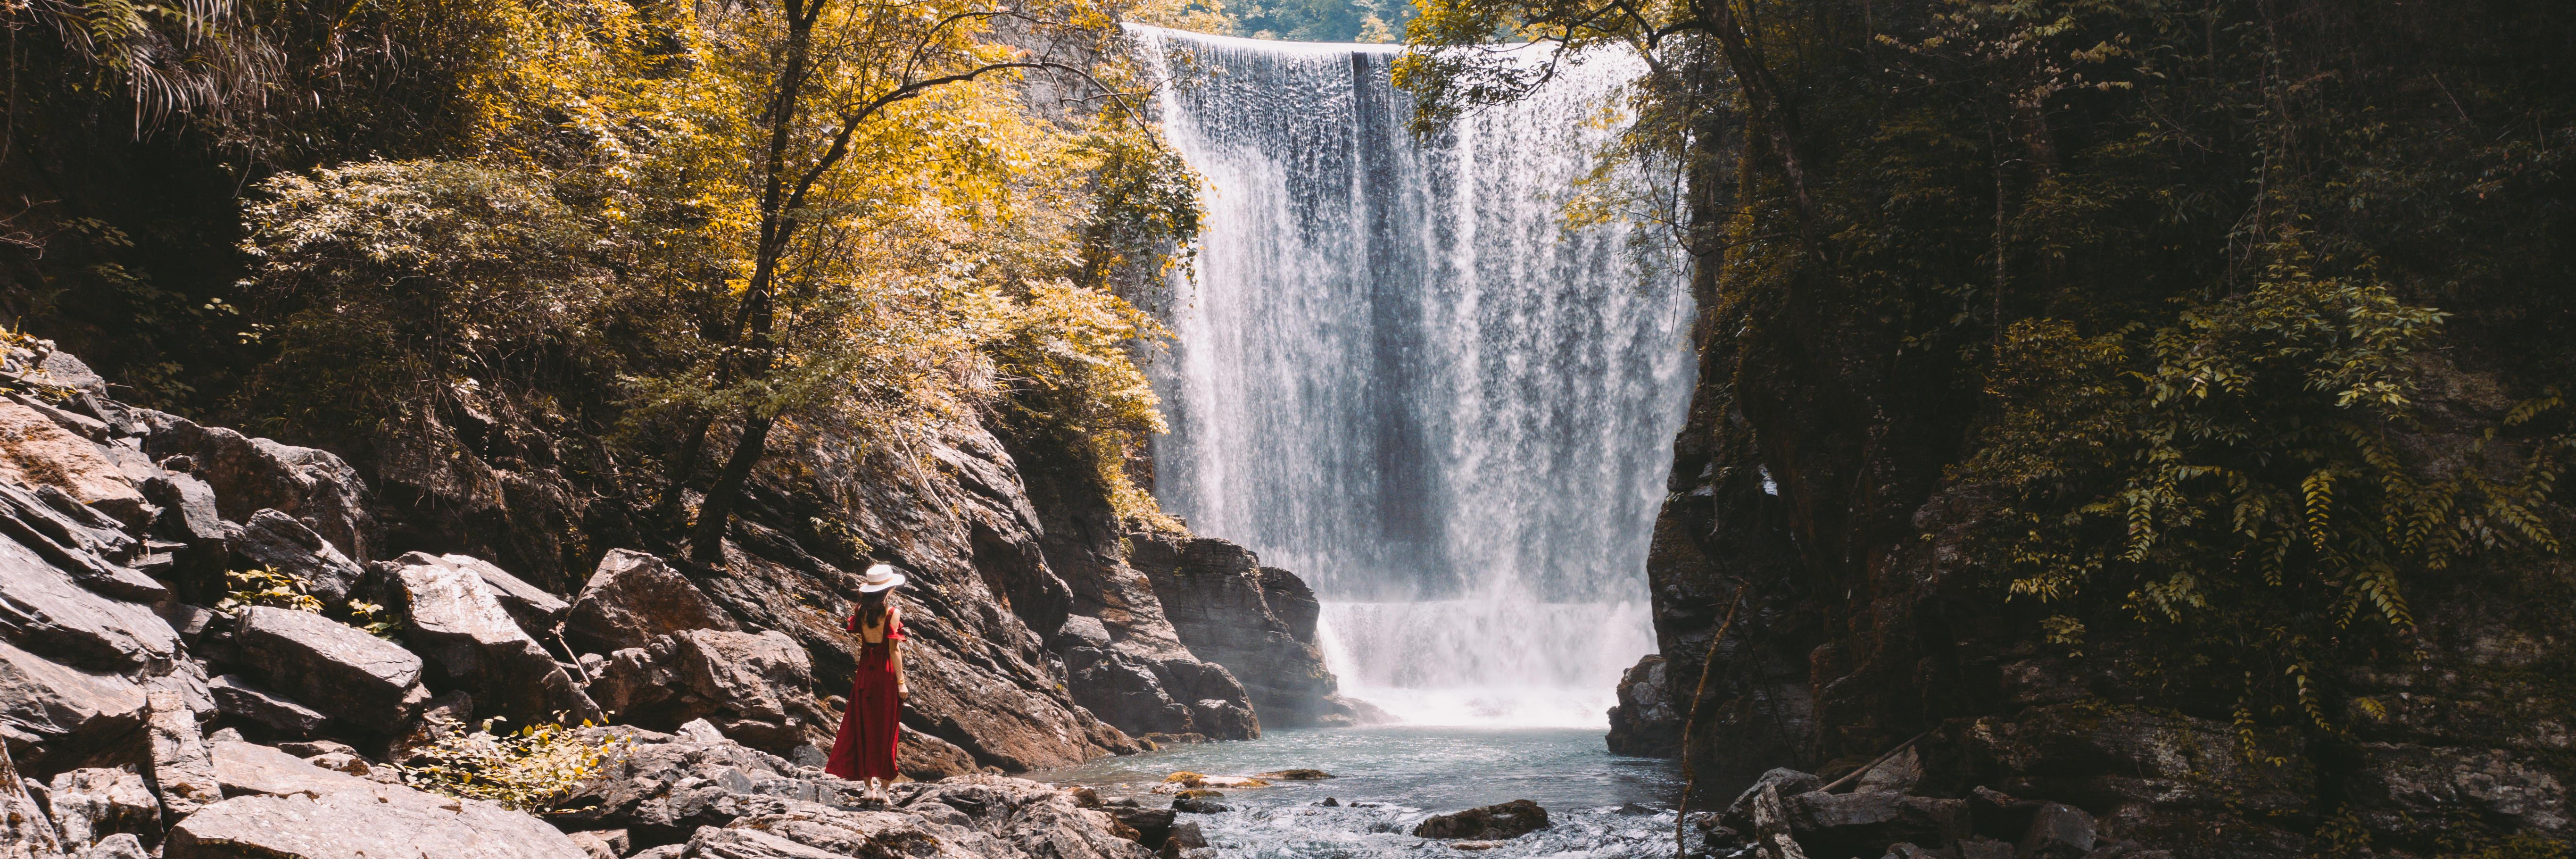 【鹿卡带你去旅行】自驾湖南,找寻拍照圣地